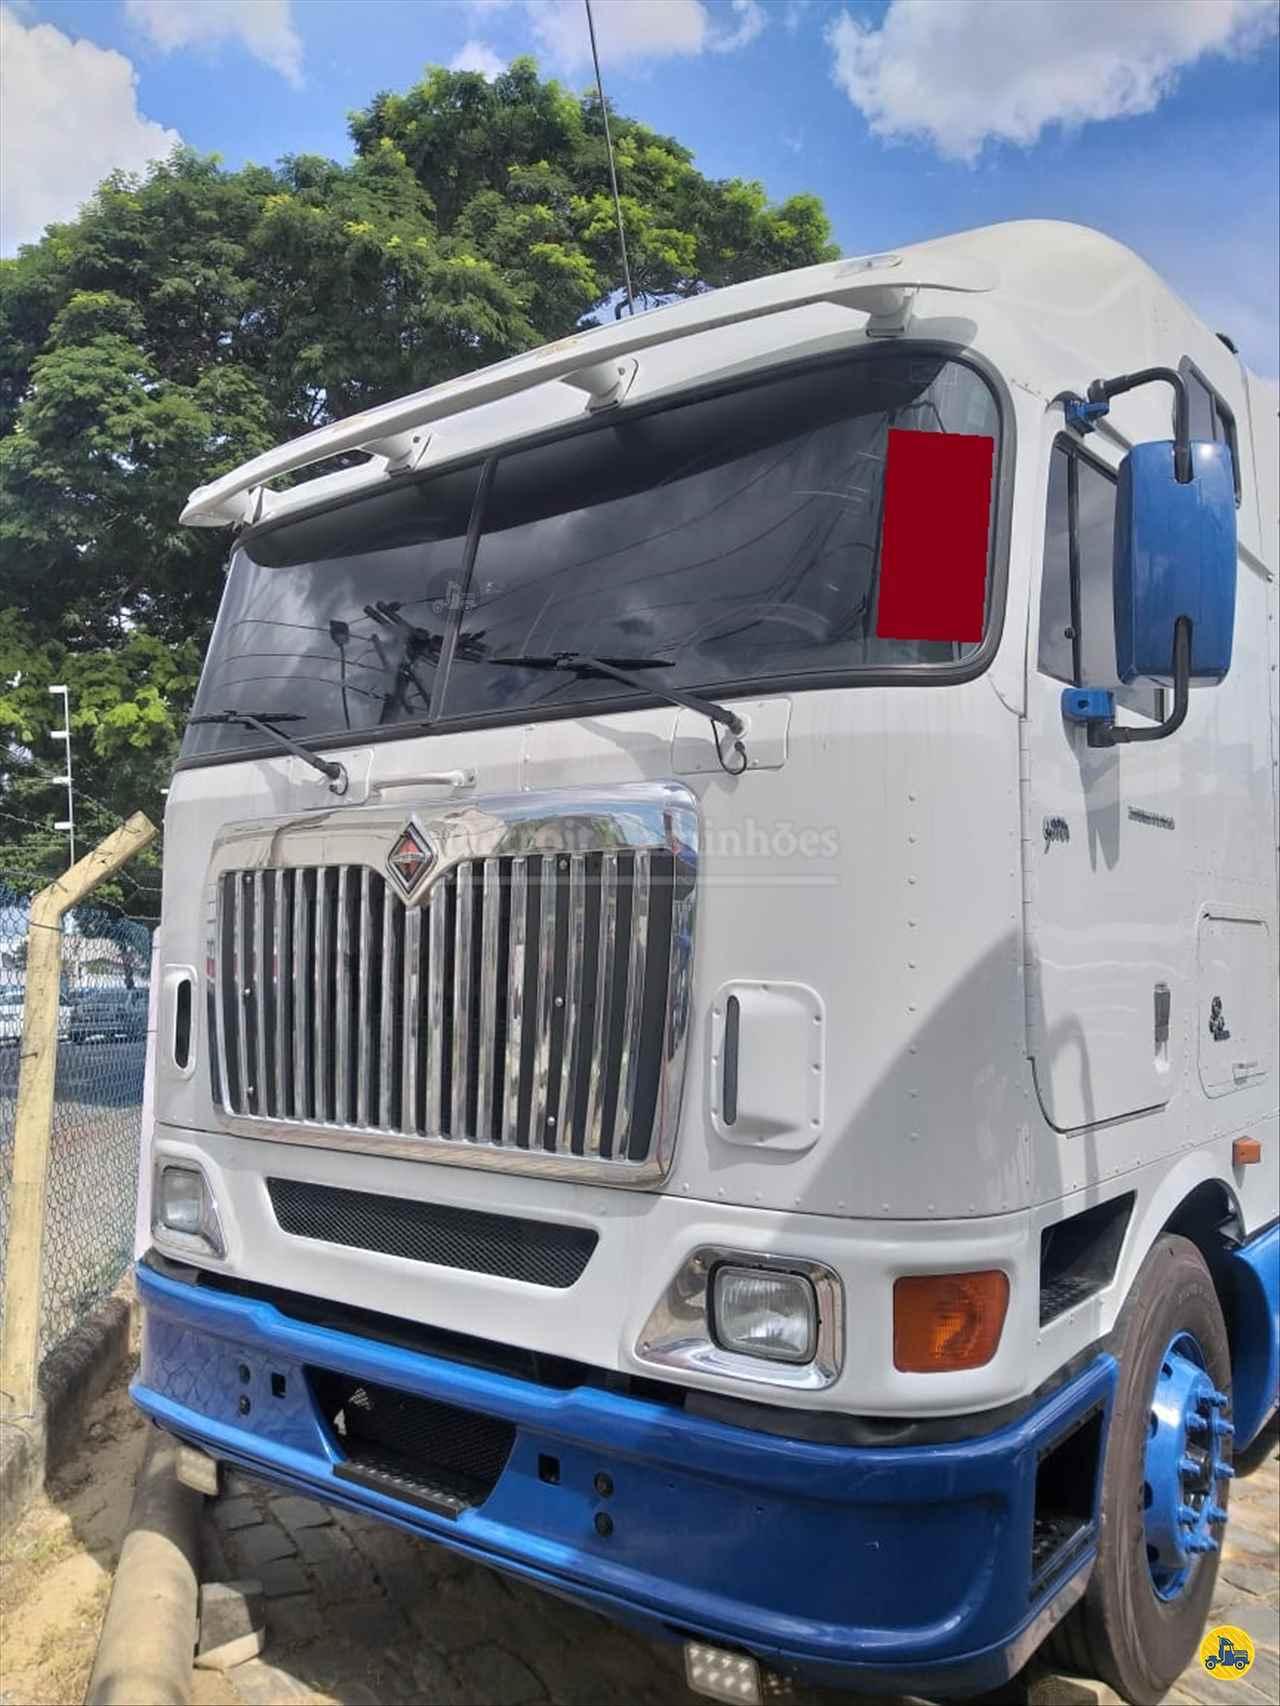 CAMINHAO INTERNATIONAL INTERNATIONAL 9800 Cavalo Mecânico Truck 6x2 Detroit Caminhões SAO JOSE DOS CAMPOS SÃO PAULO SP